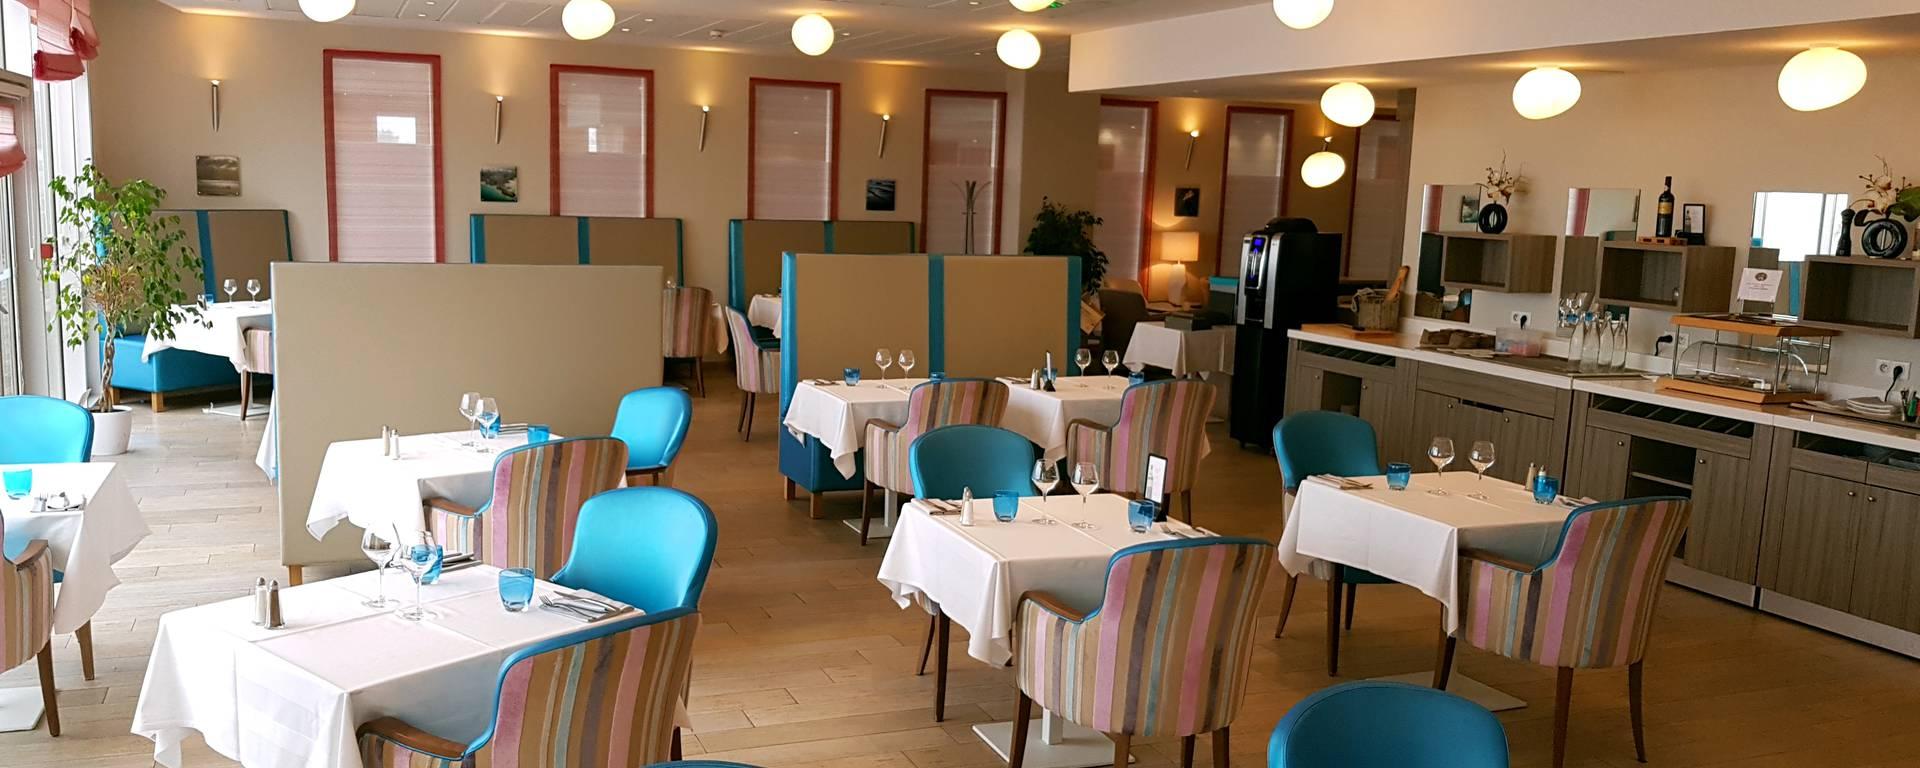 La salle du restaurant Le Sound